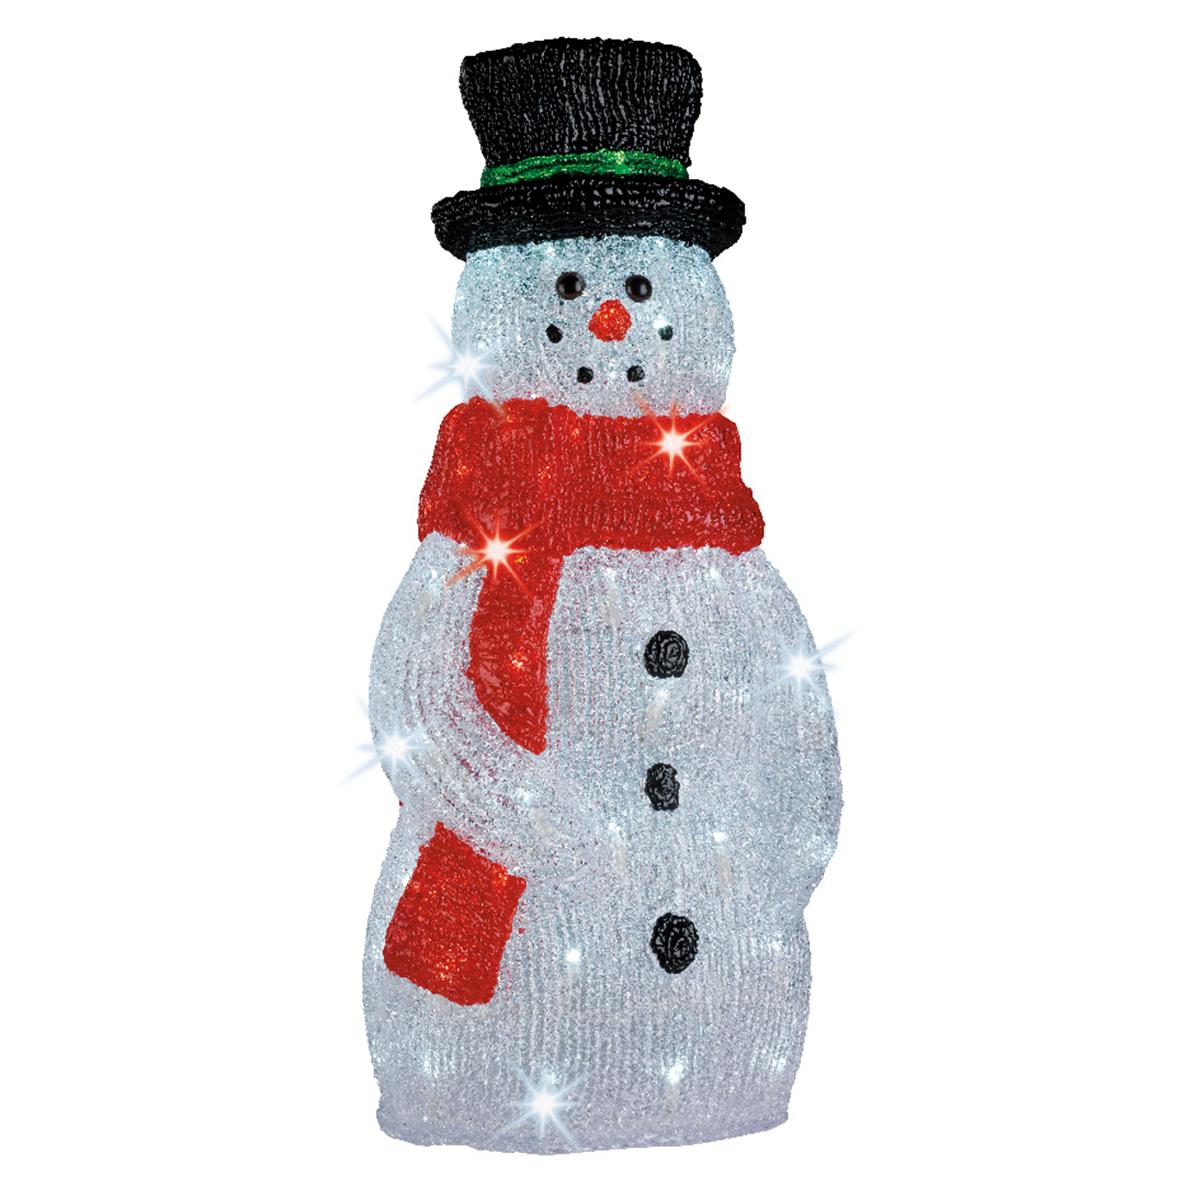 #A2231C CONSEIL : Décorer Son Jardin à L'approche De Noël Sur  6375 decoration noel exterieur bonhomme de neige 1200x1200 px @ aertt.com